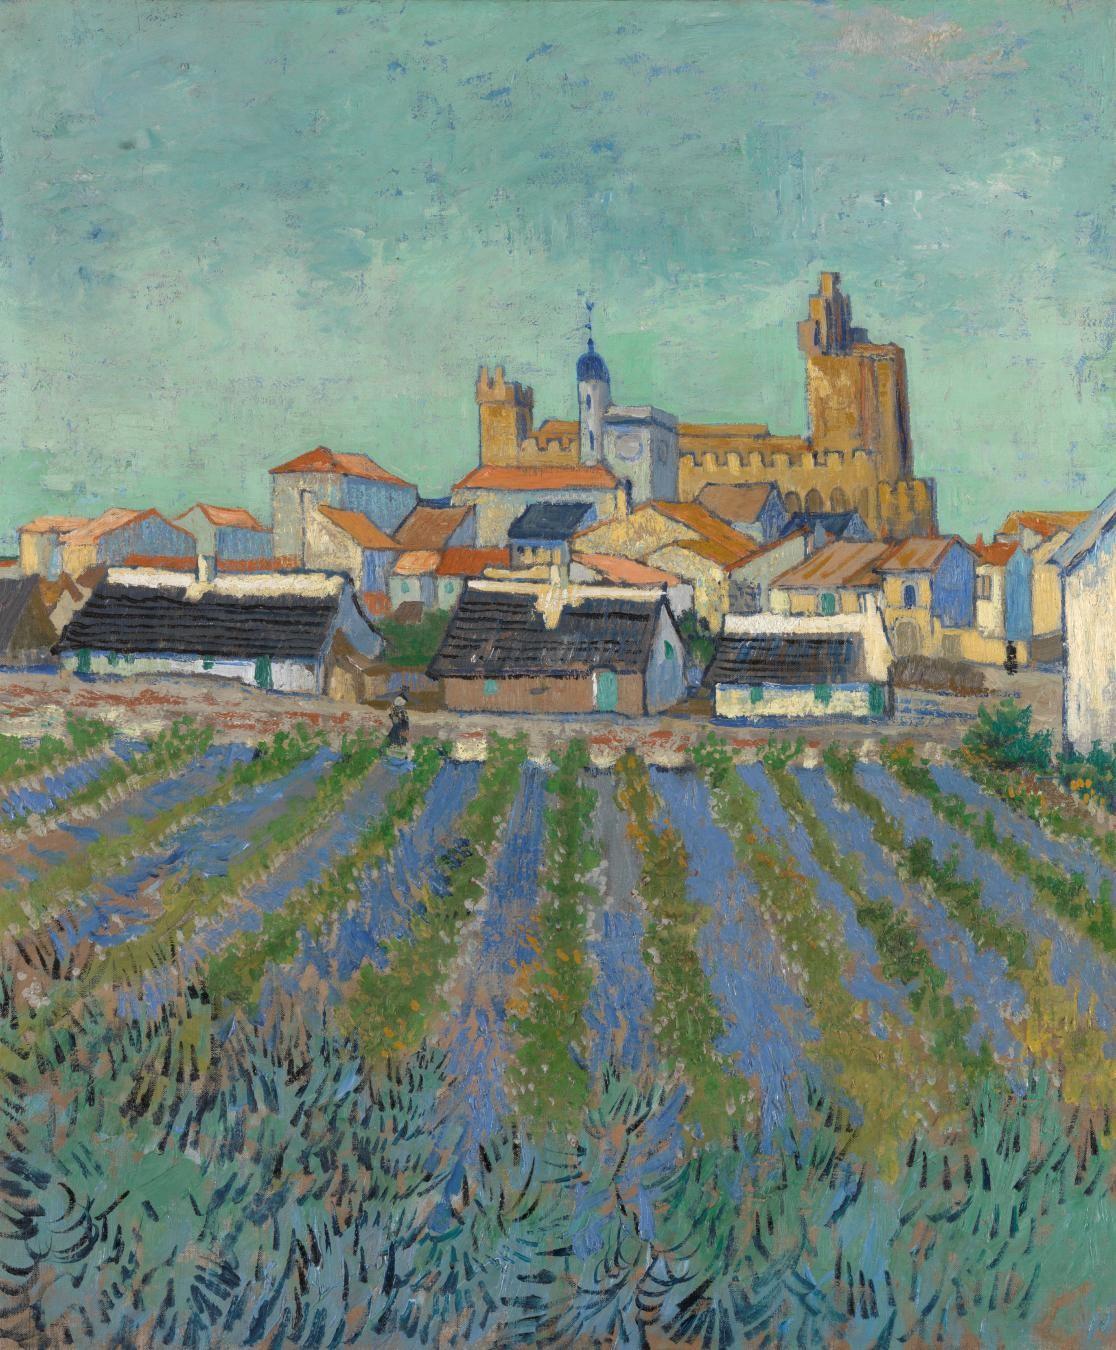 Vincent van Gogh, View of Saintes-Maries-de-la-Mer, June 1888, oil on canvas, Kröller-Müller Museum, Otterlo. © Kröller-Müller Museum